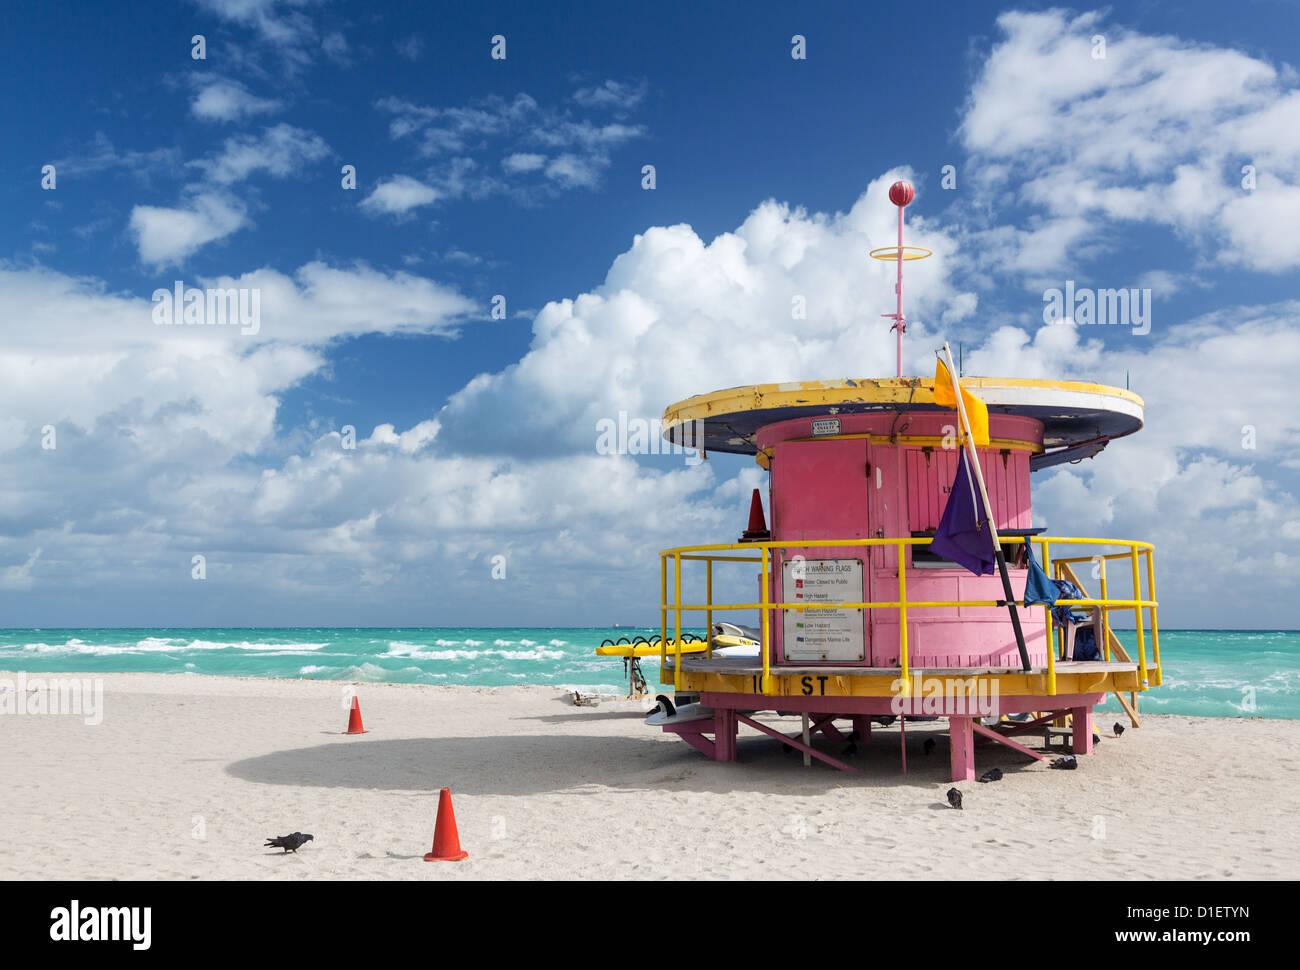 Miami Beach, Floride, USA - lifeguard station Photo Stock